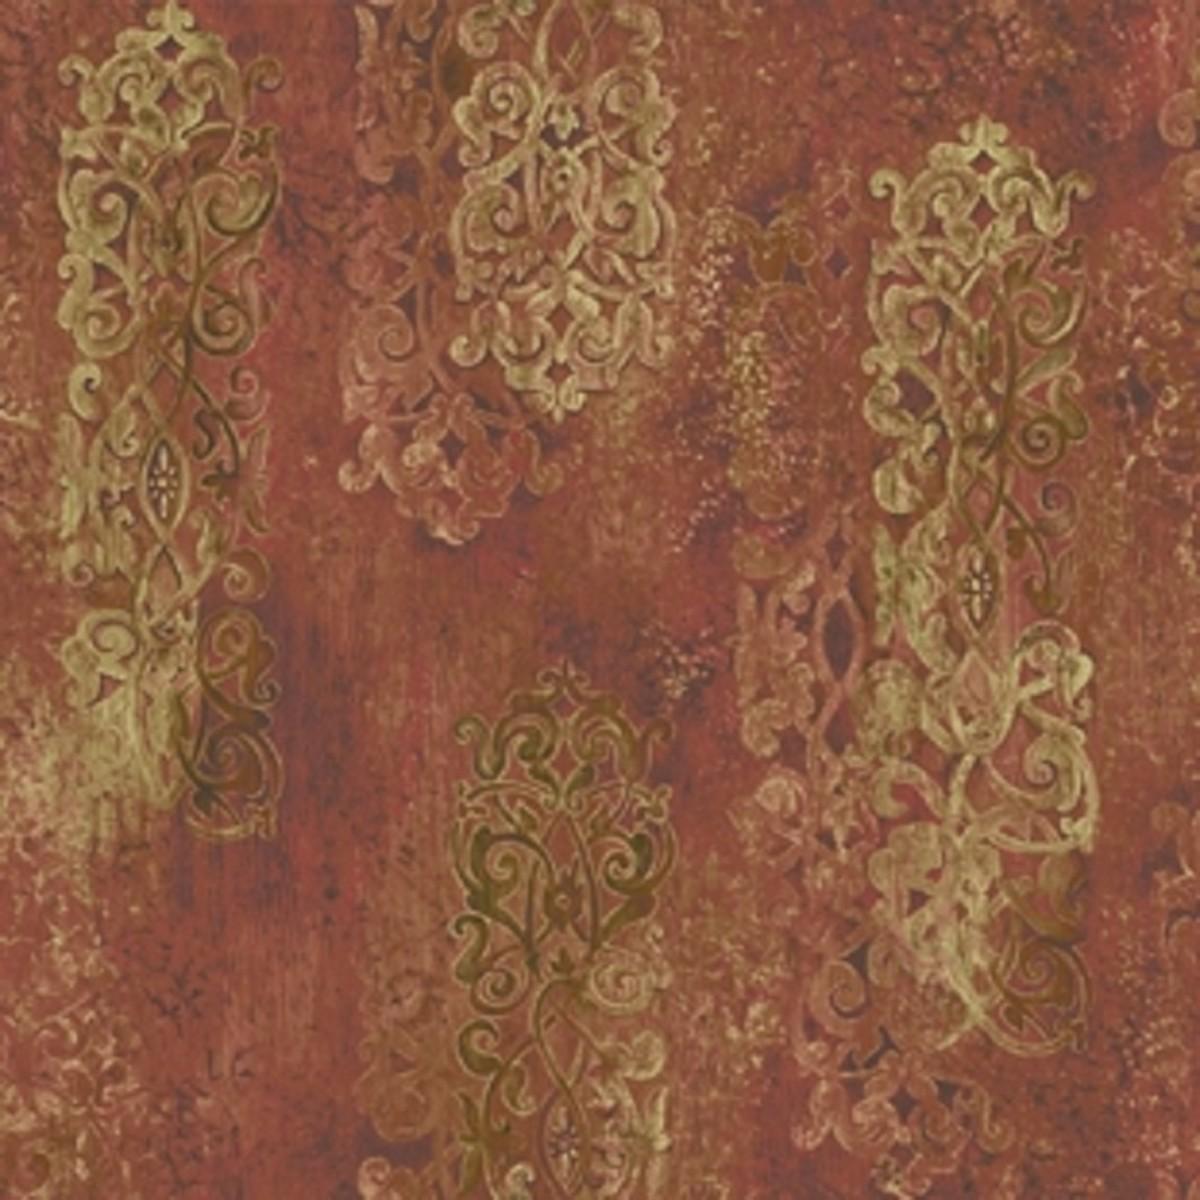 Виниловые обои York Wallcoverings красные AH4737 0.68 м